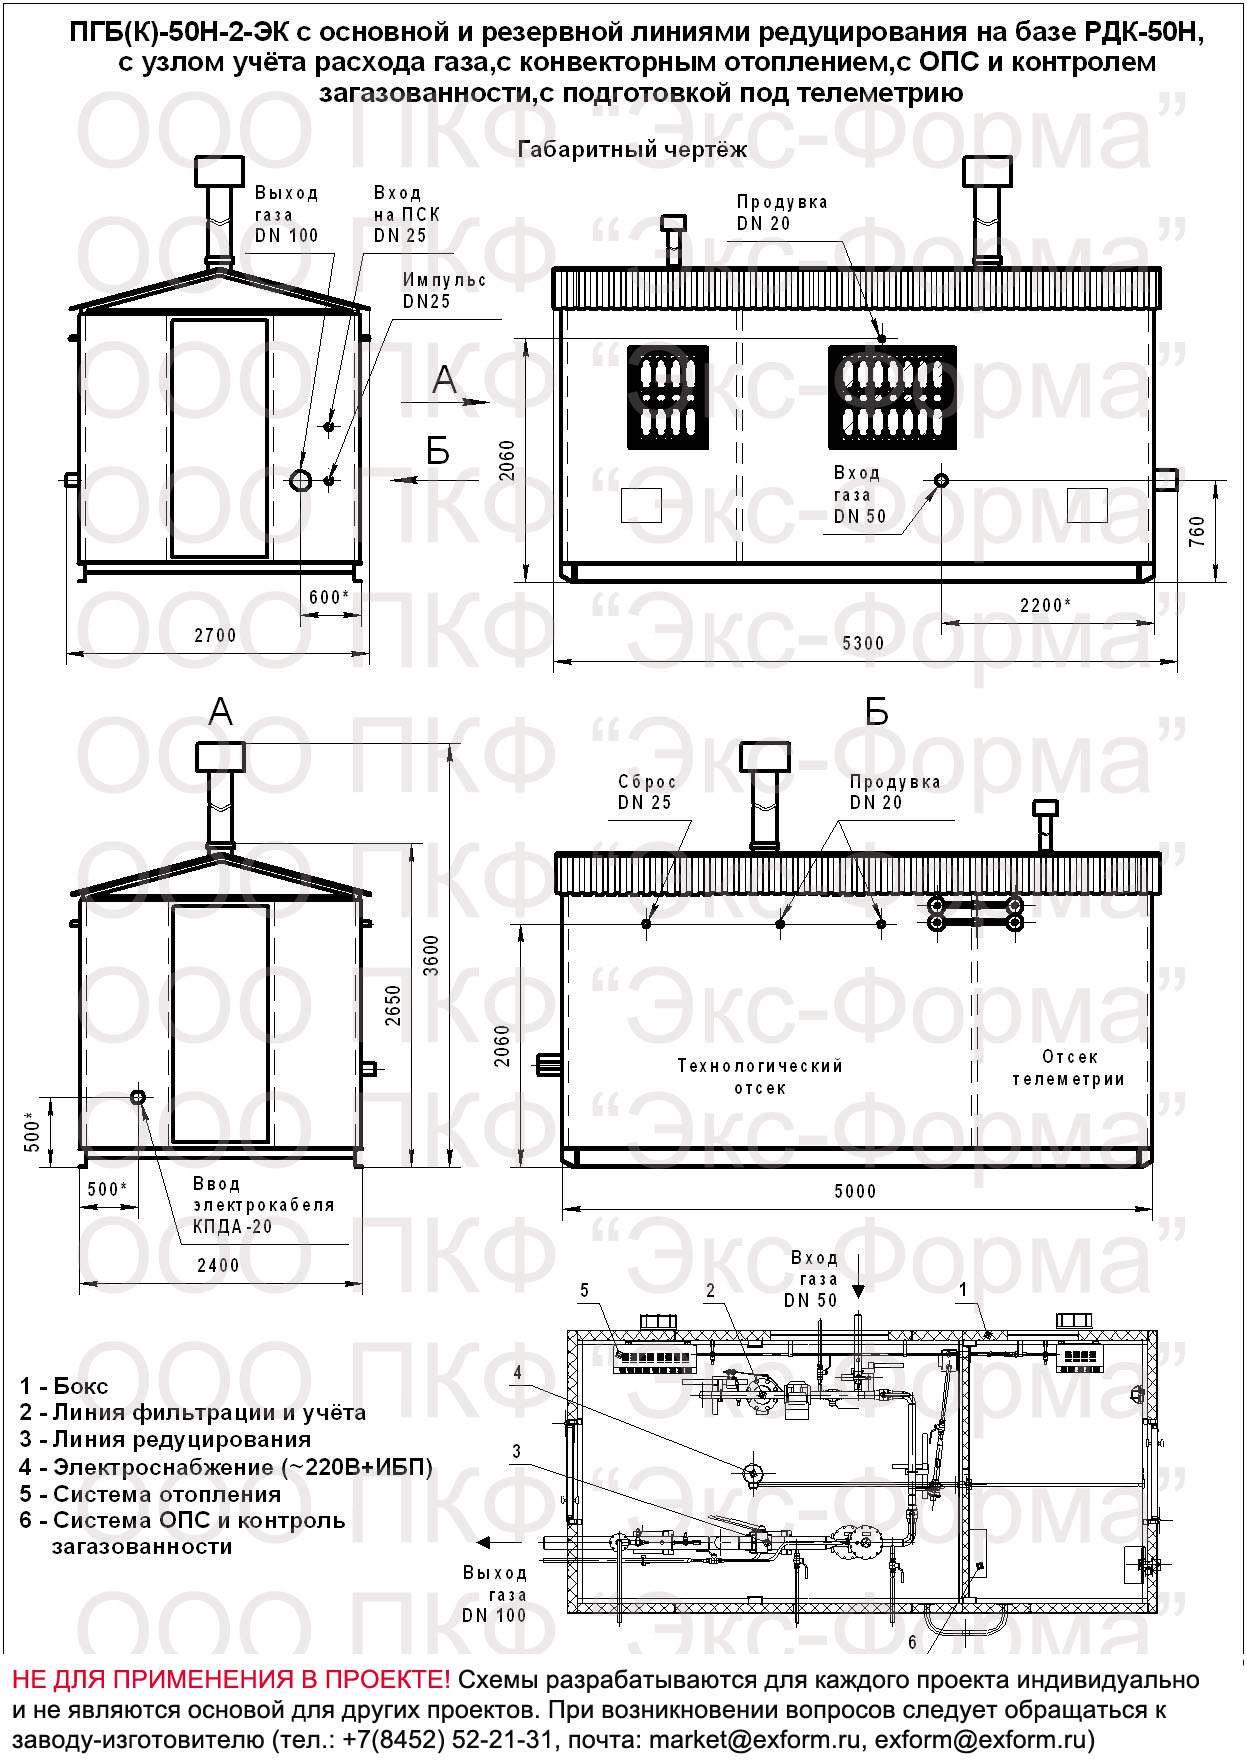 габаритная схема ПГБ(К)-50Н-2-ЭК